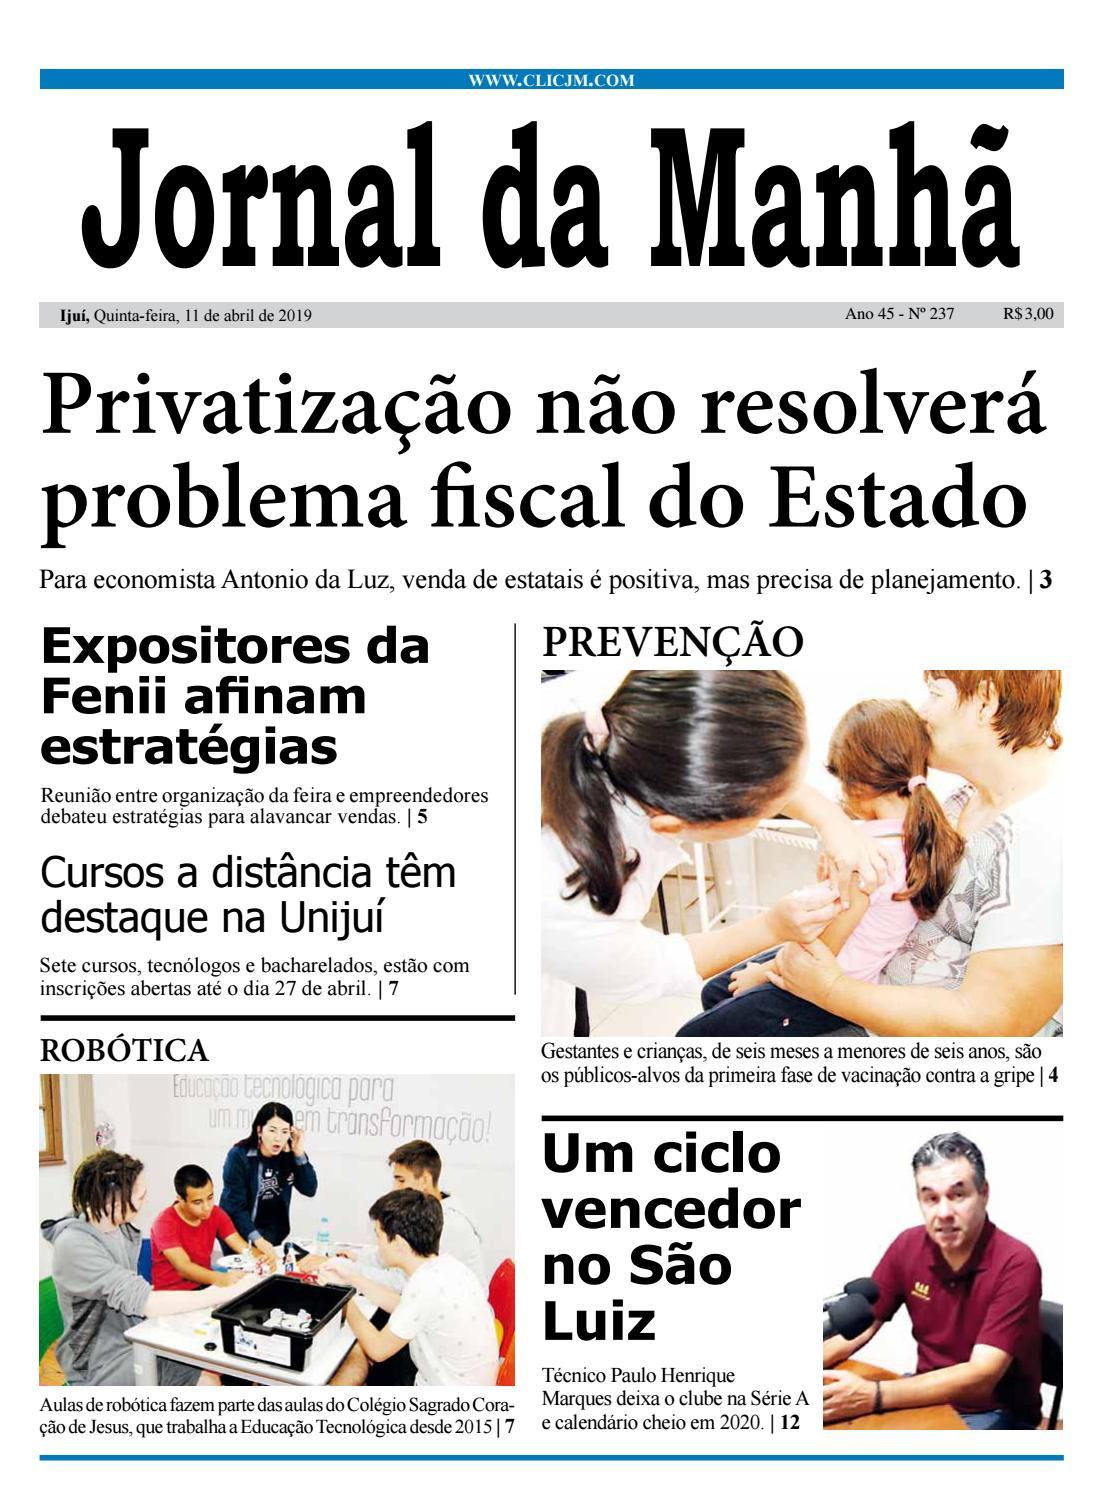 17e097d7f Jornal da Manhã - Quinta-feira - 11-04-2019 by clicjm - issuu